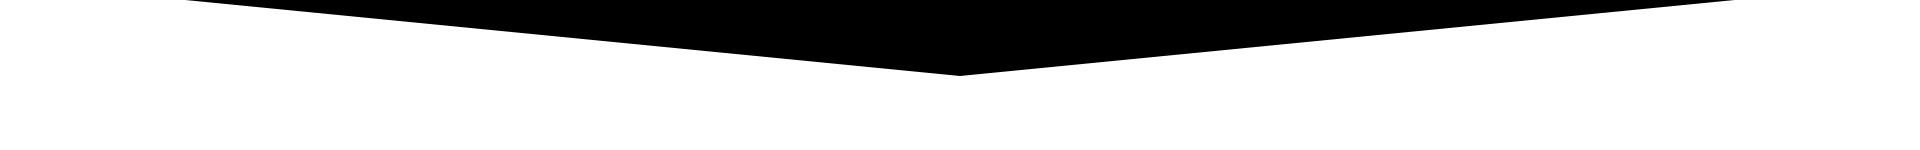 trokut-bgd-crni